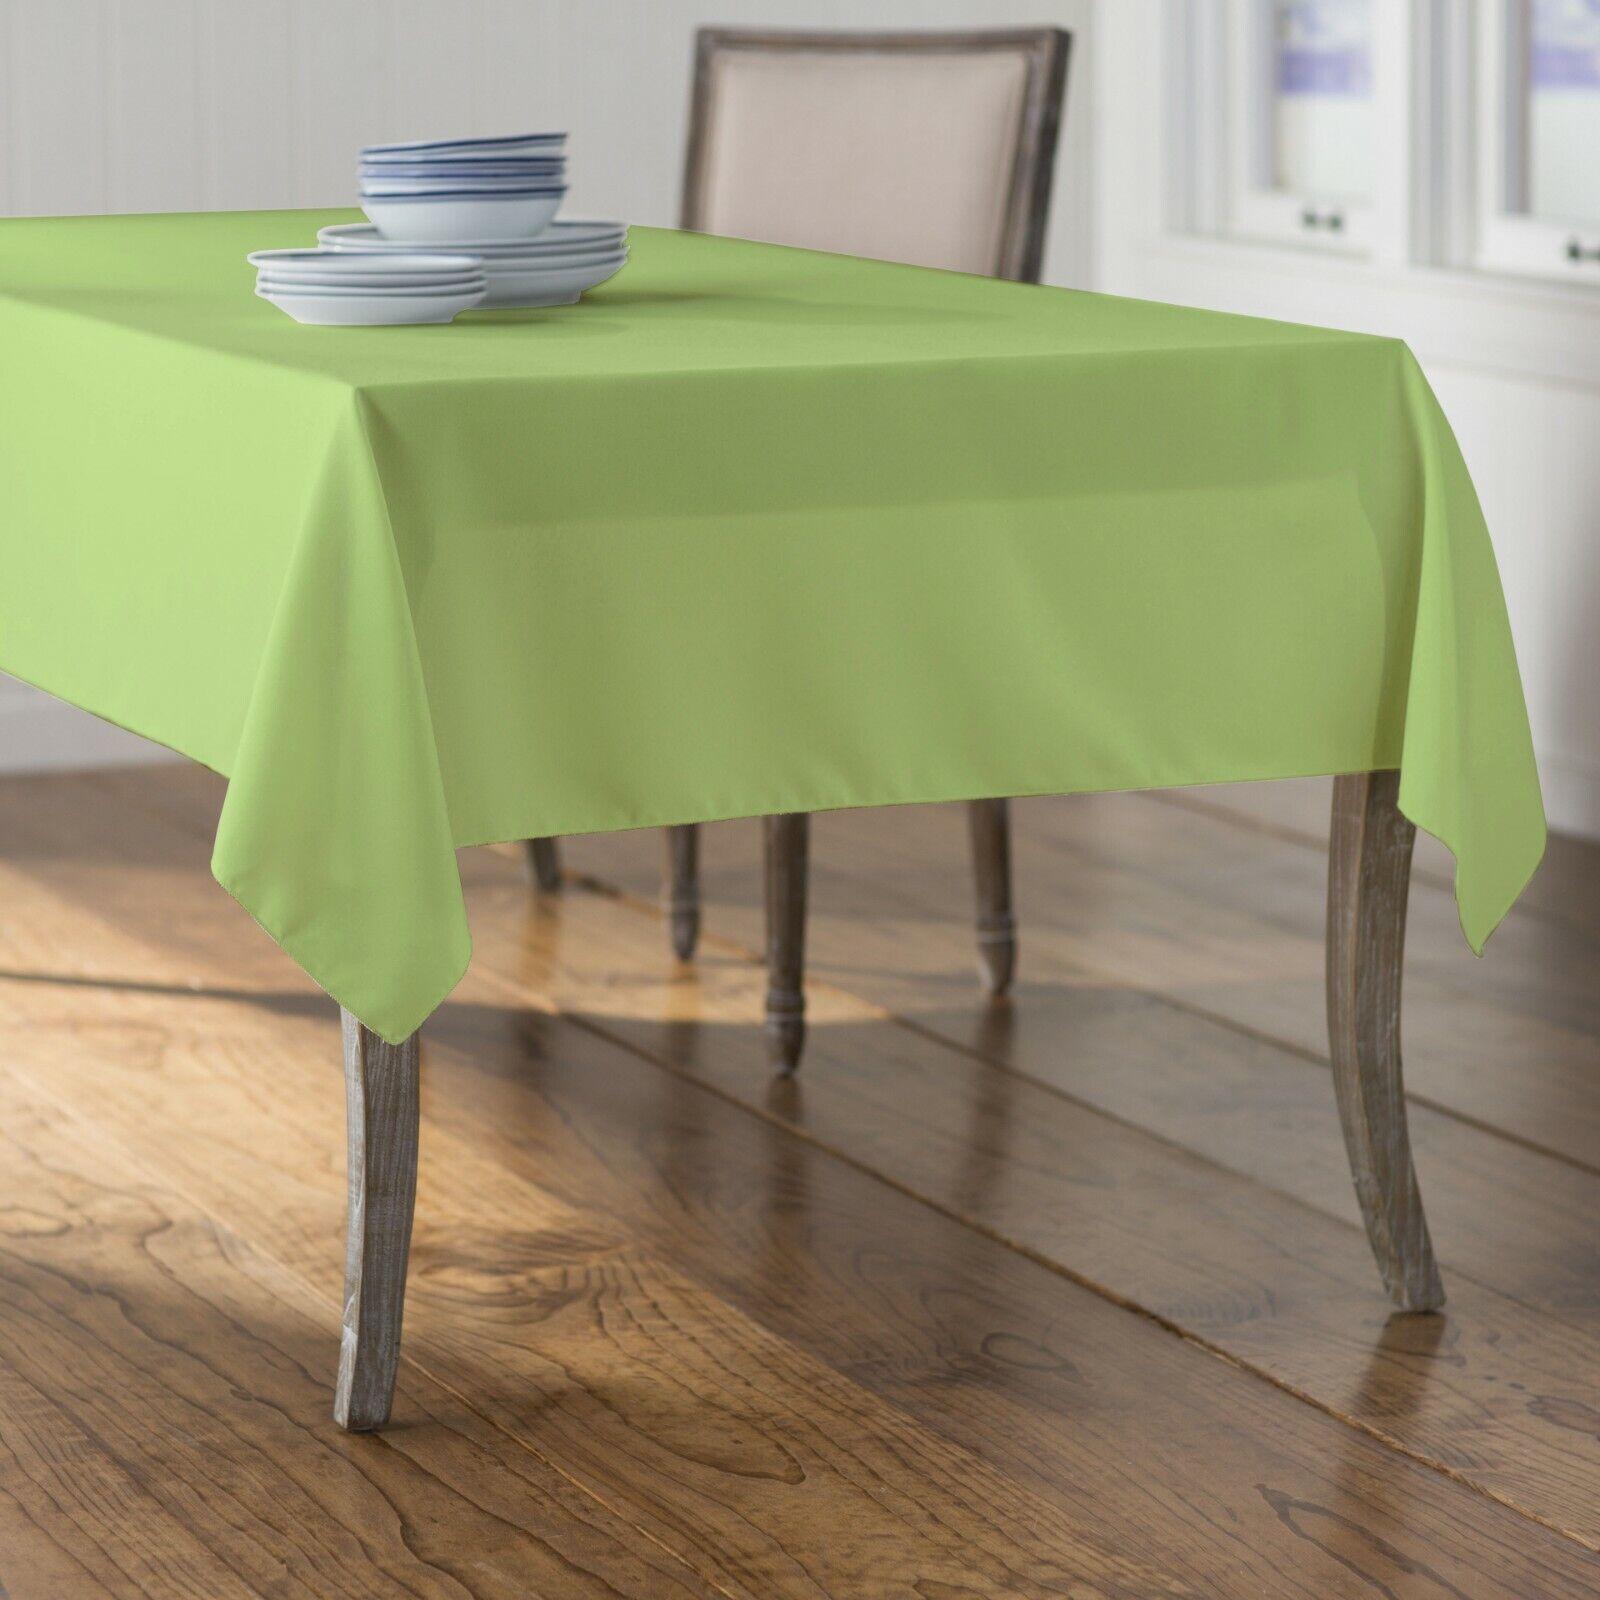 polyester poplin 60 by 90 inch rectangular